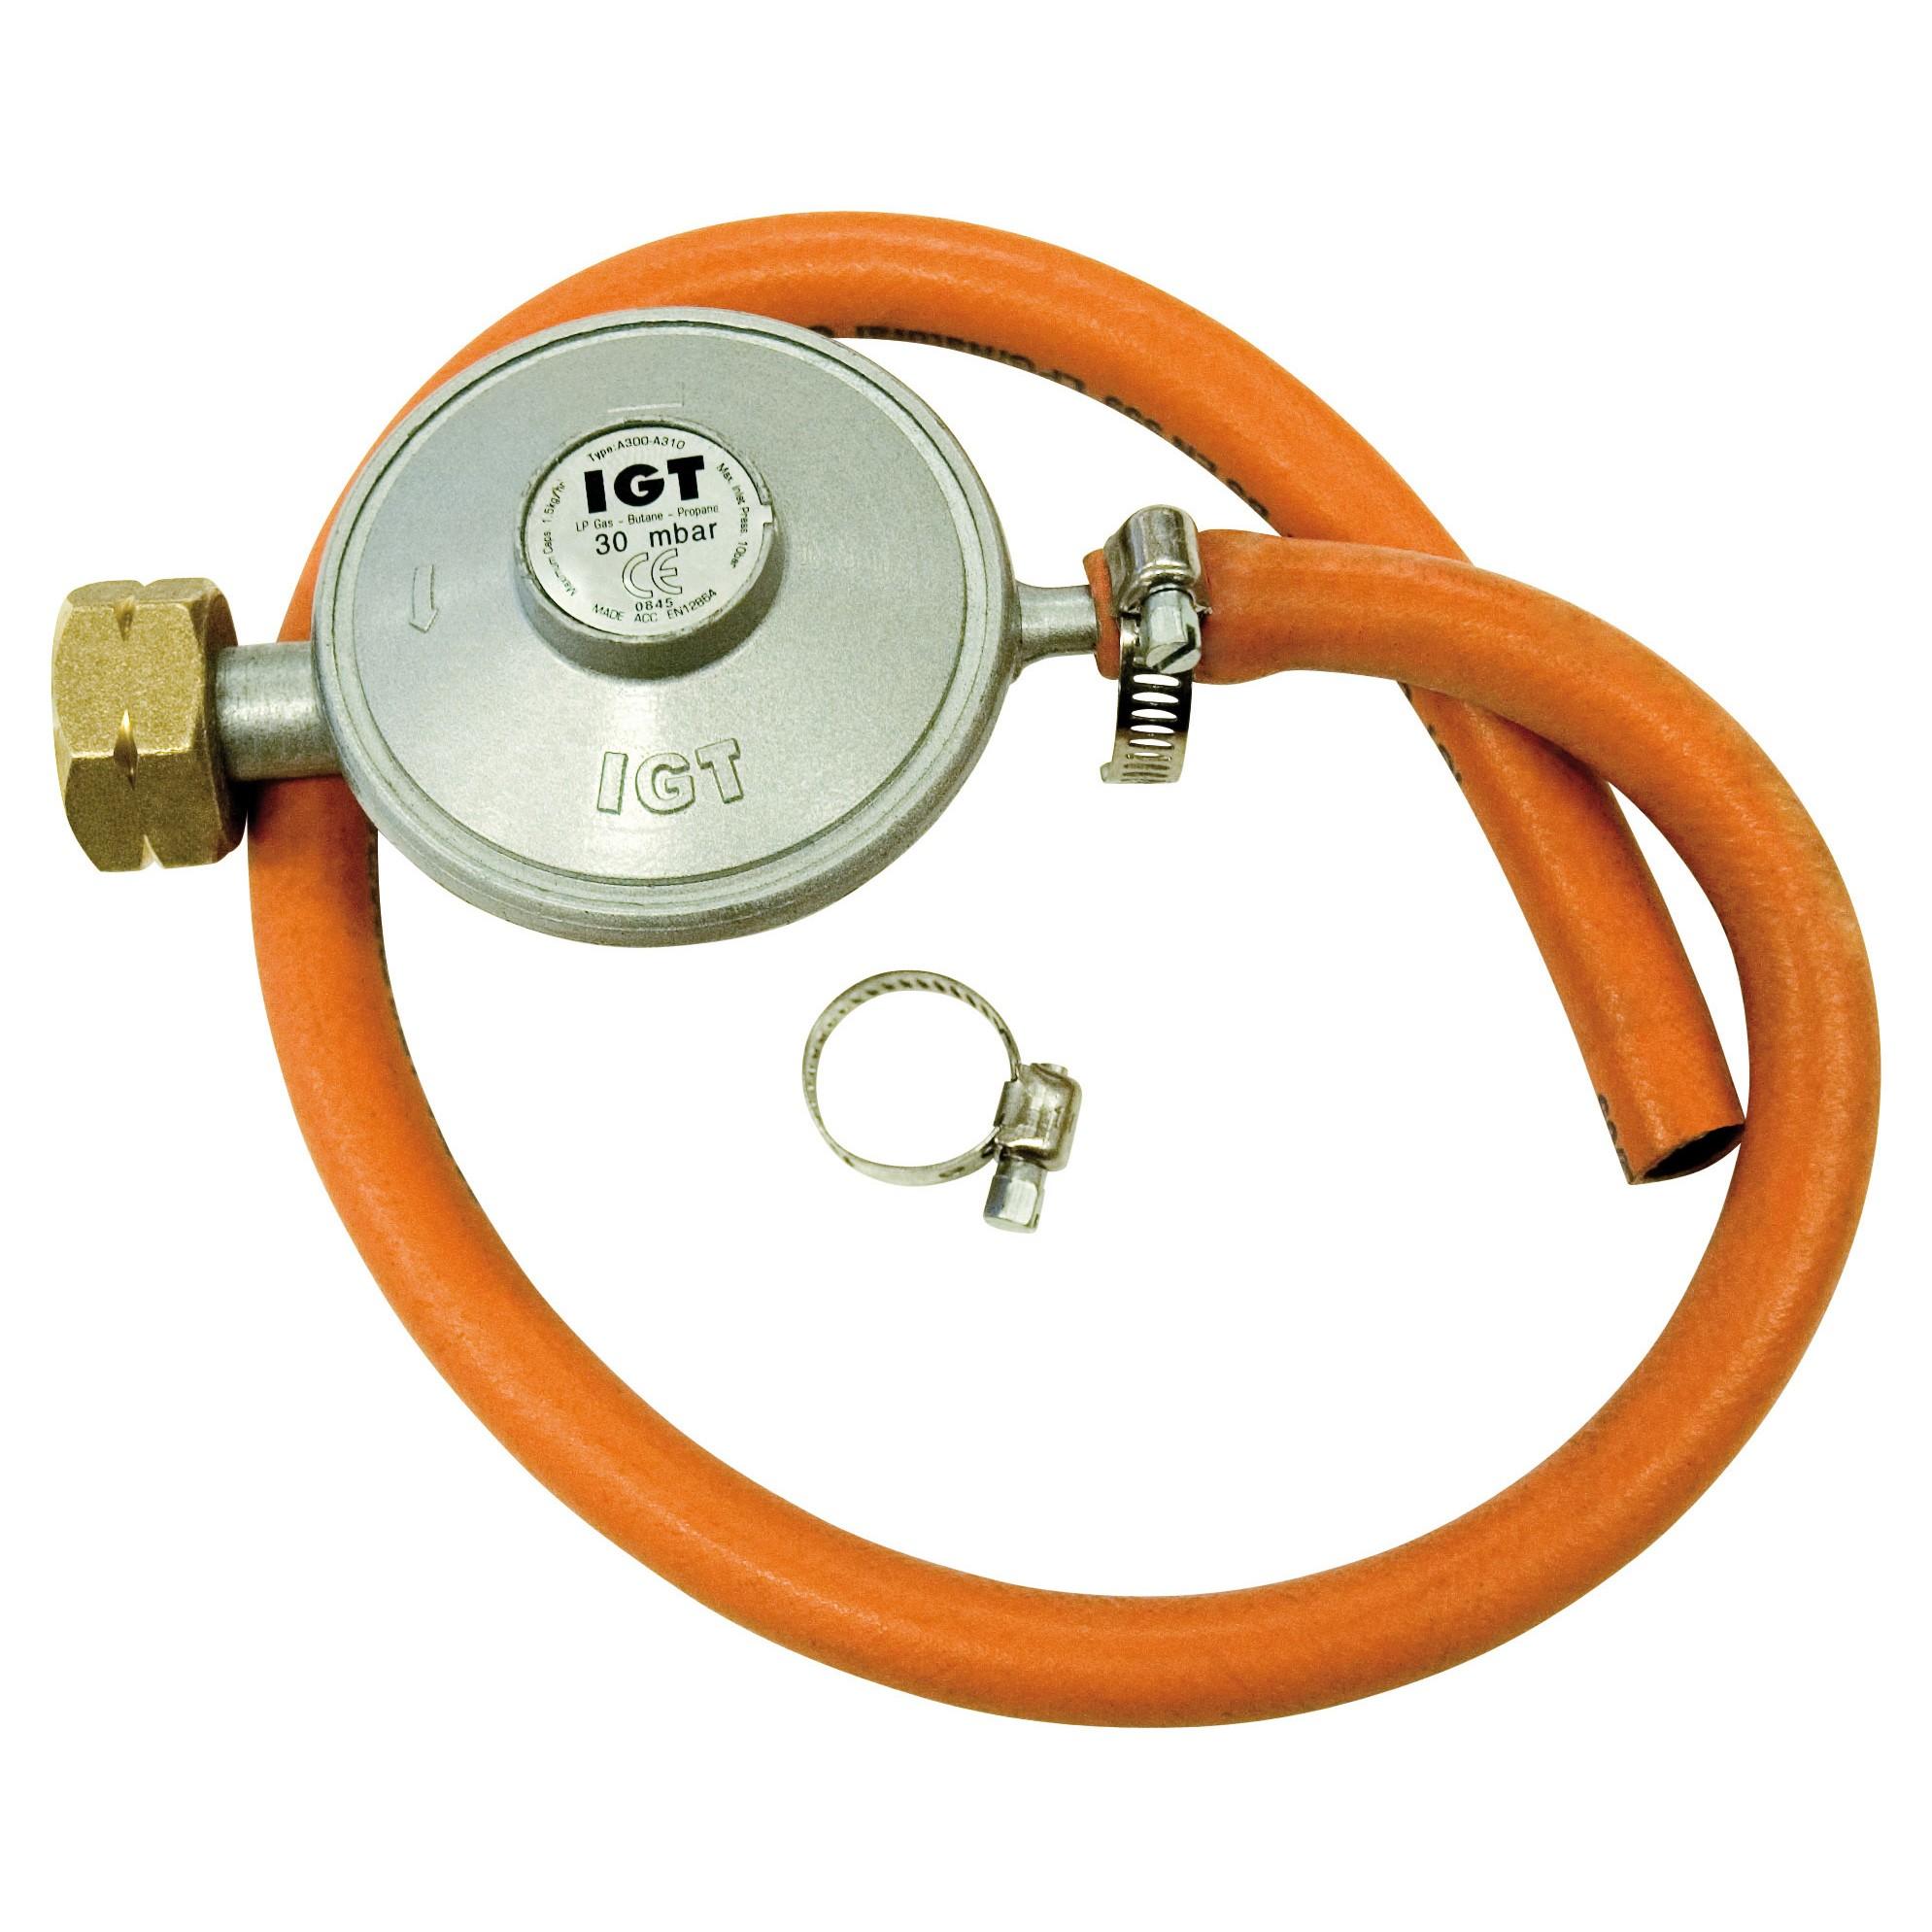 Gas regulator hose nehterlands